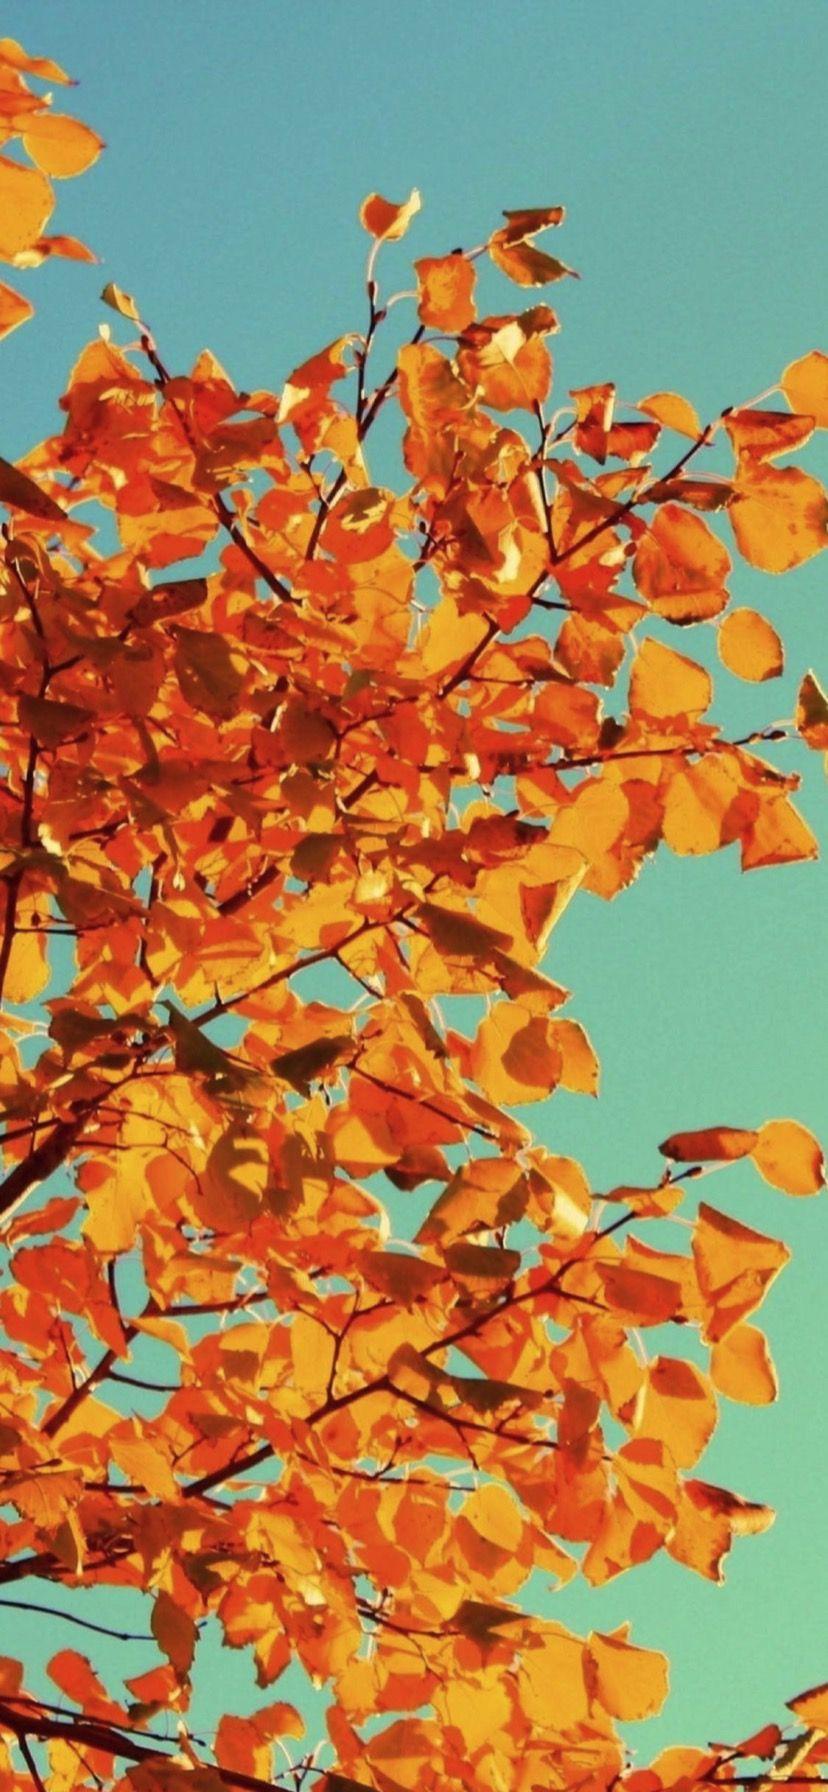 Iphone Xr Wallpaper Autumn Ipcwallpapers Fall Wallpaper Iphone Wallpaper Fall Phone Wallpaper Images